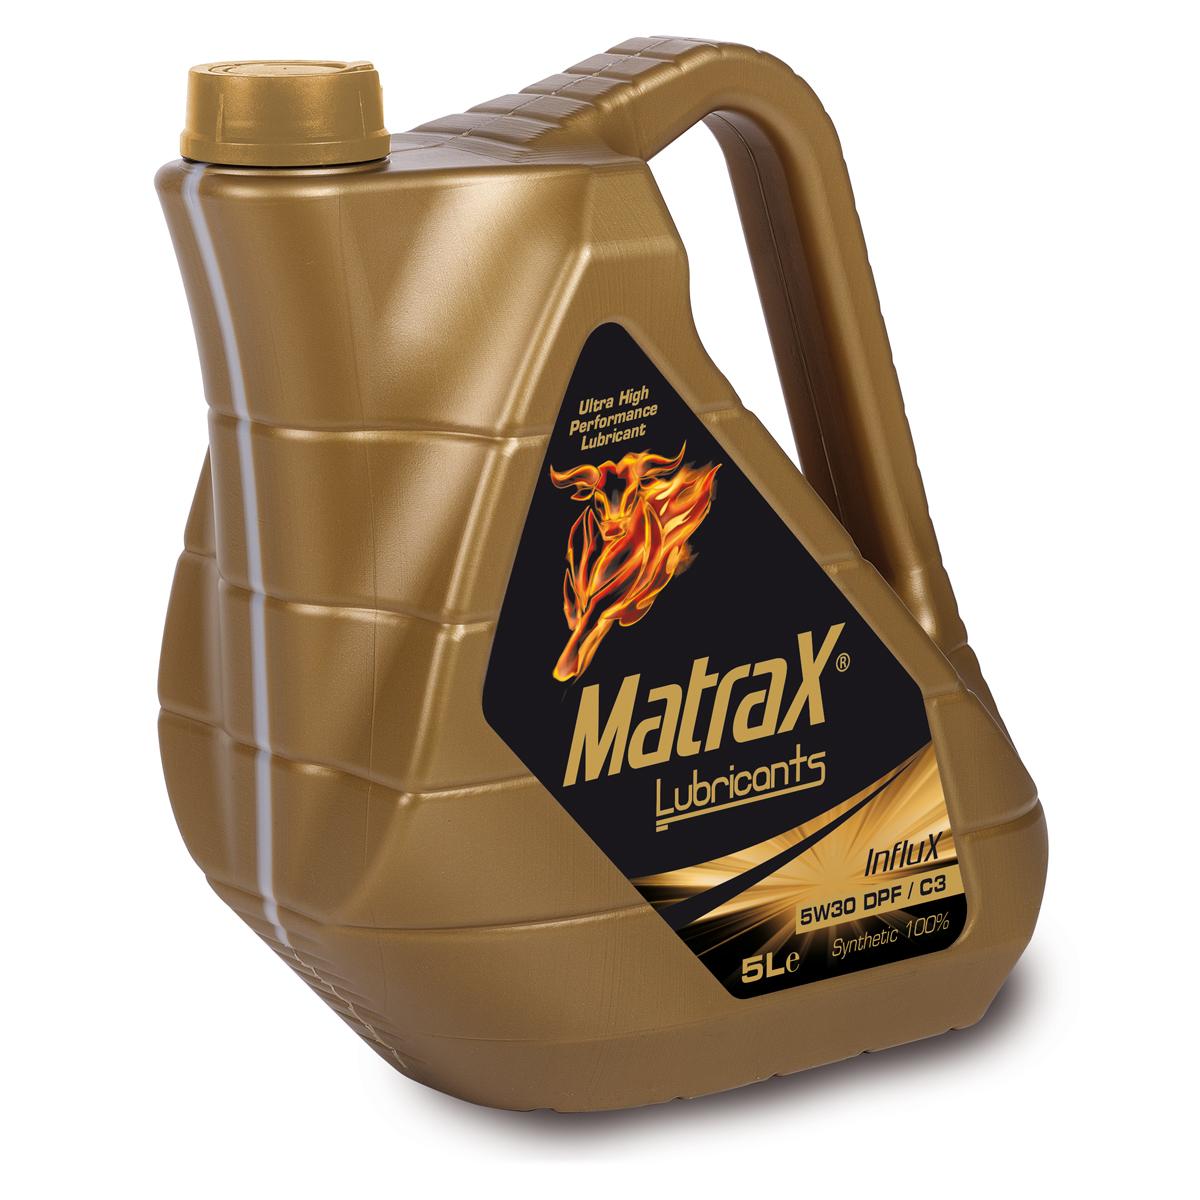 matrax-lubricants-influx-5w30-dpf-c3-5l